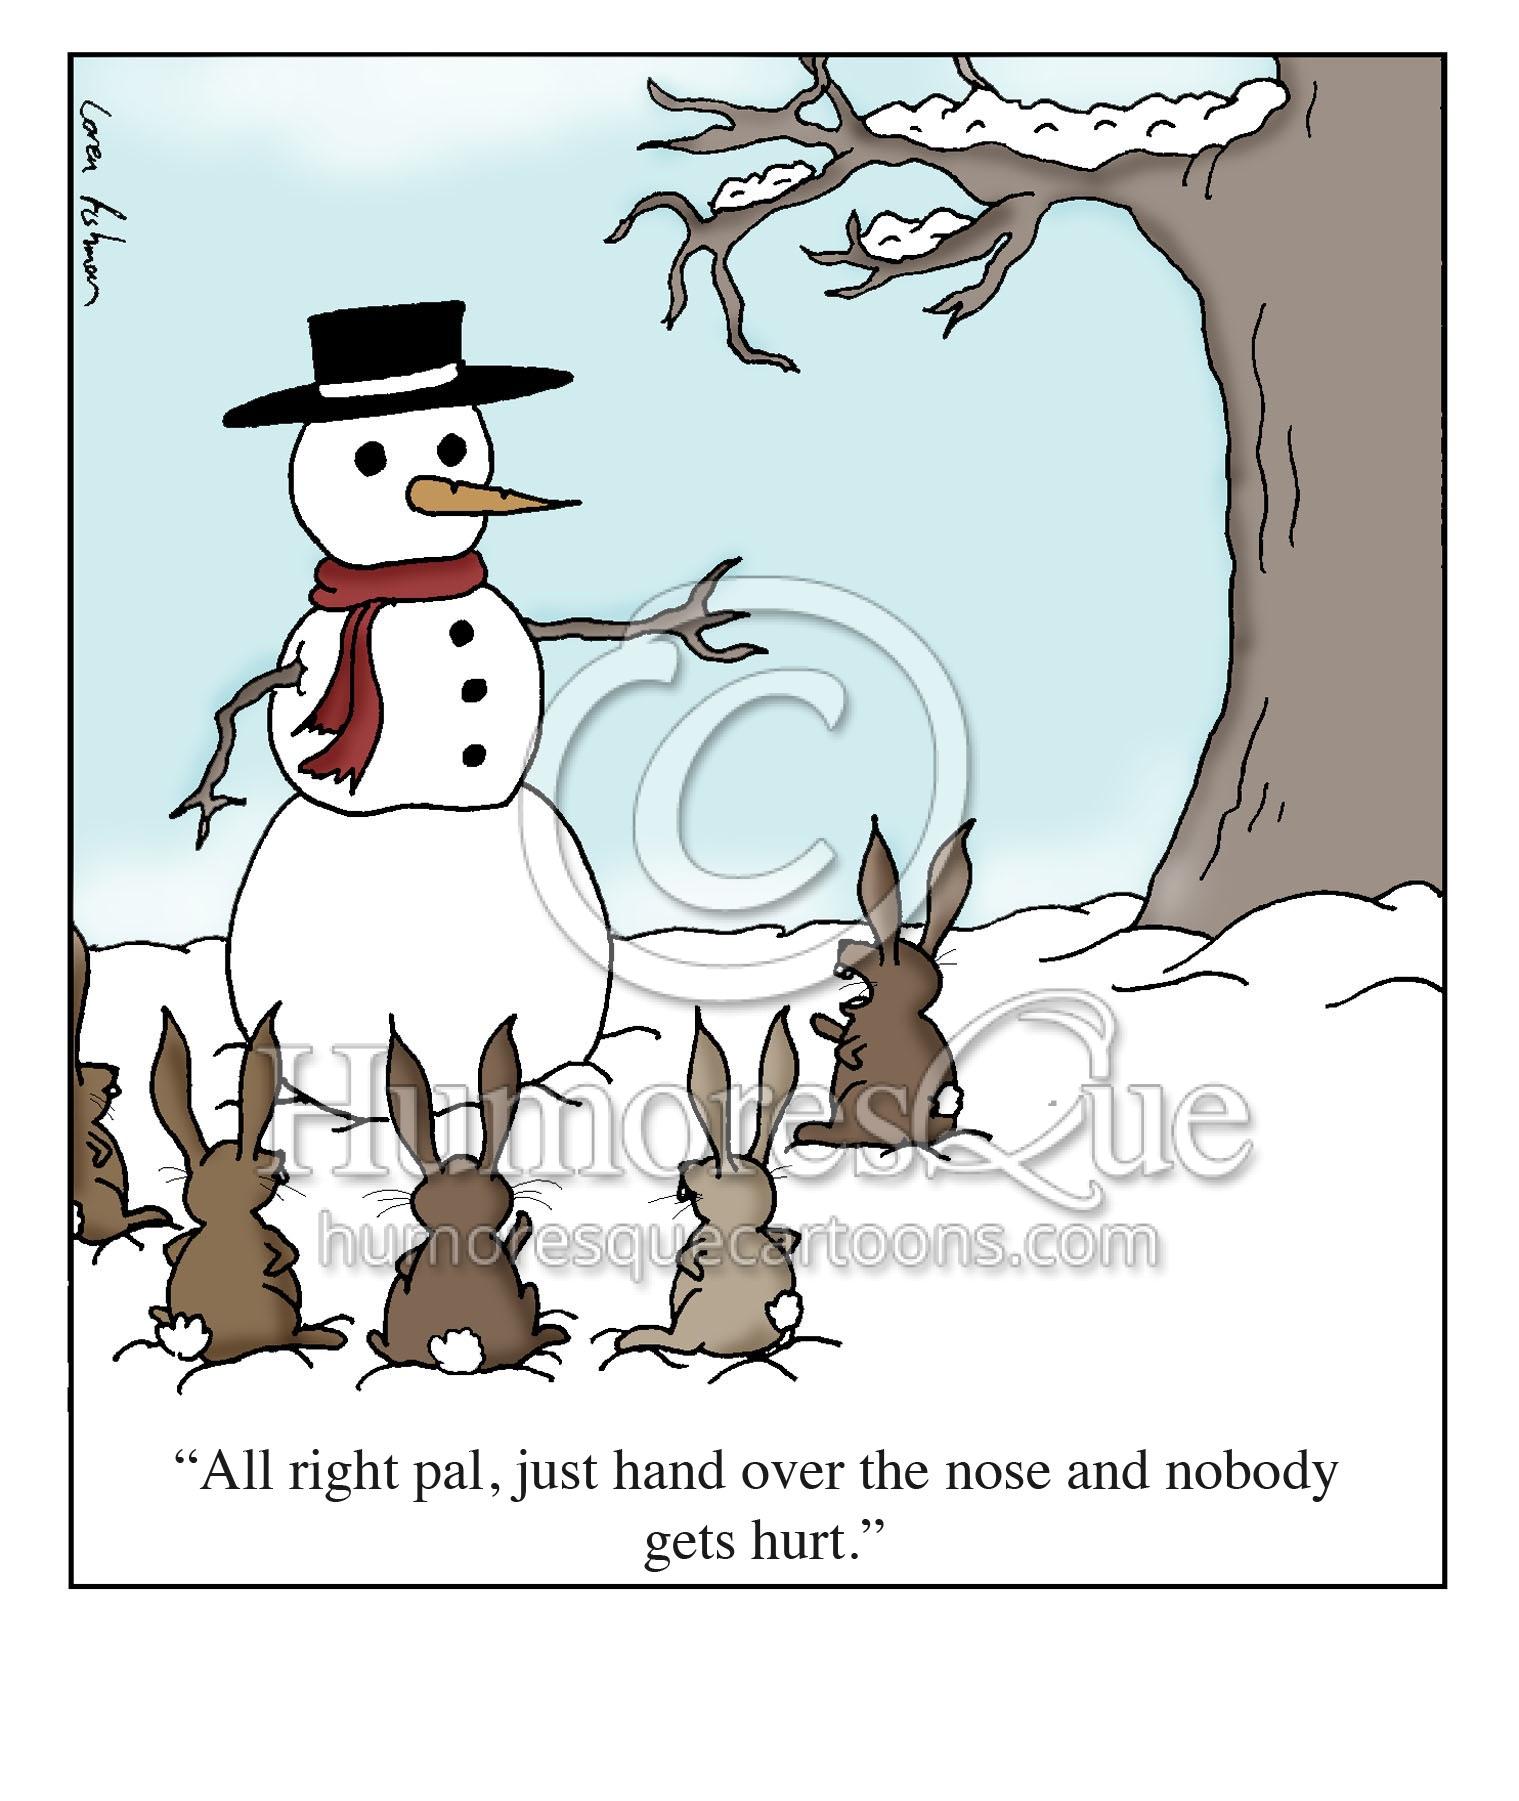 rabbits stealing carrot from a snowman cartoon